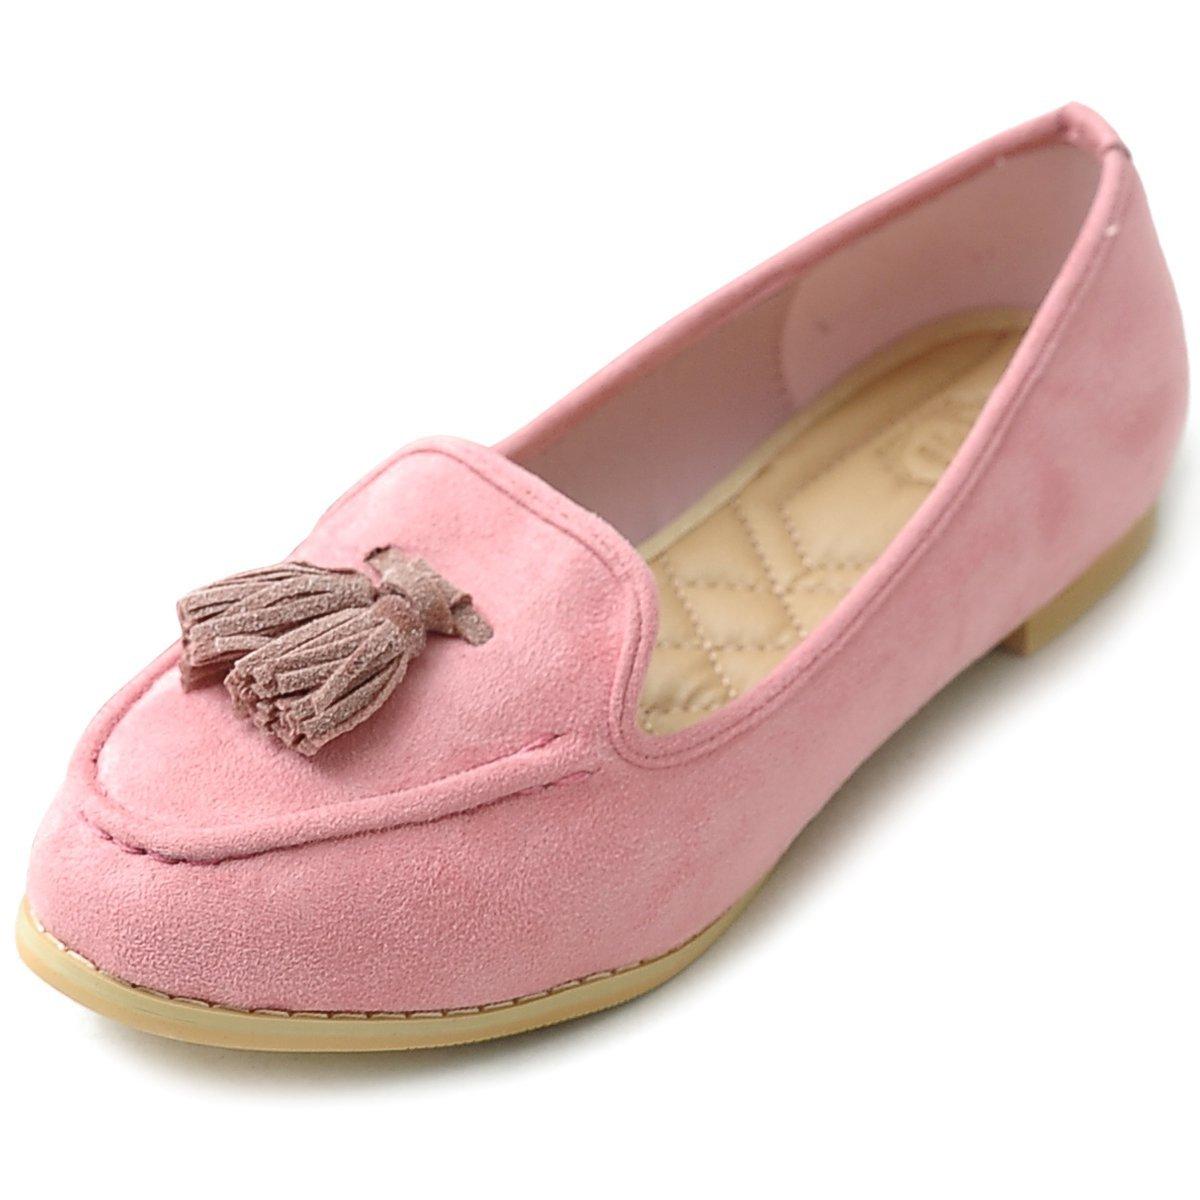 Ollio Women's Ballet Shoe Tassel Faux-Suede Cute Flat B00GFXBYQA 6.5 B(M) US|Pink